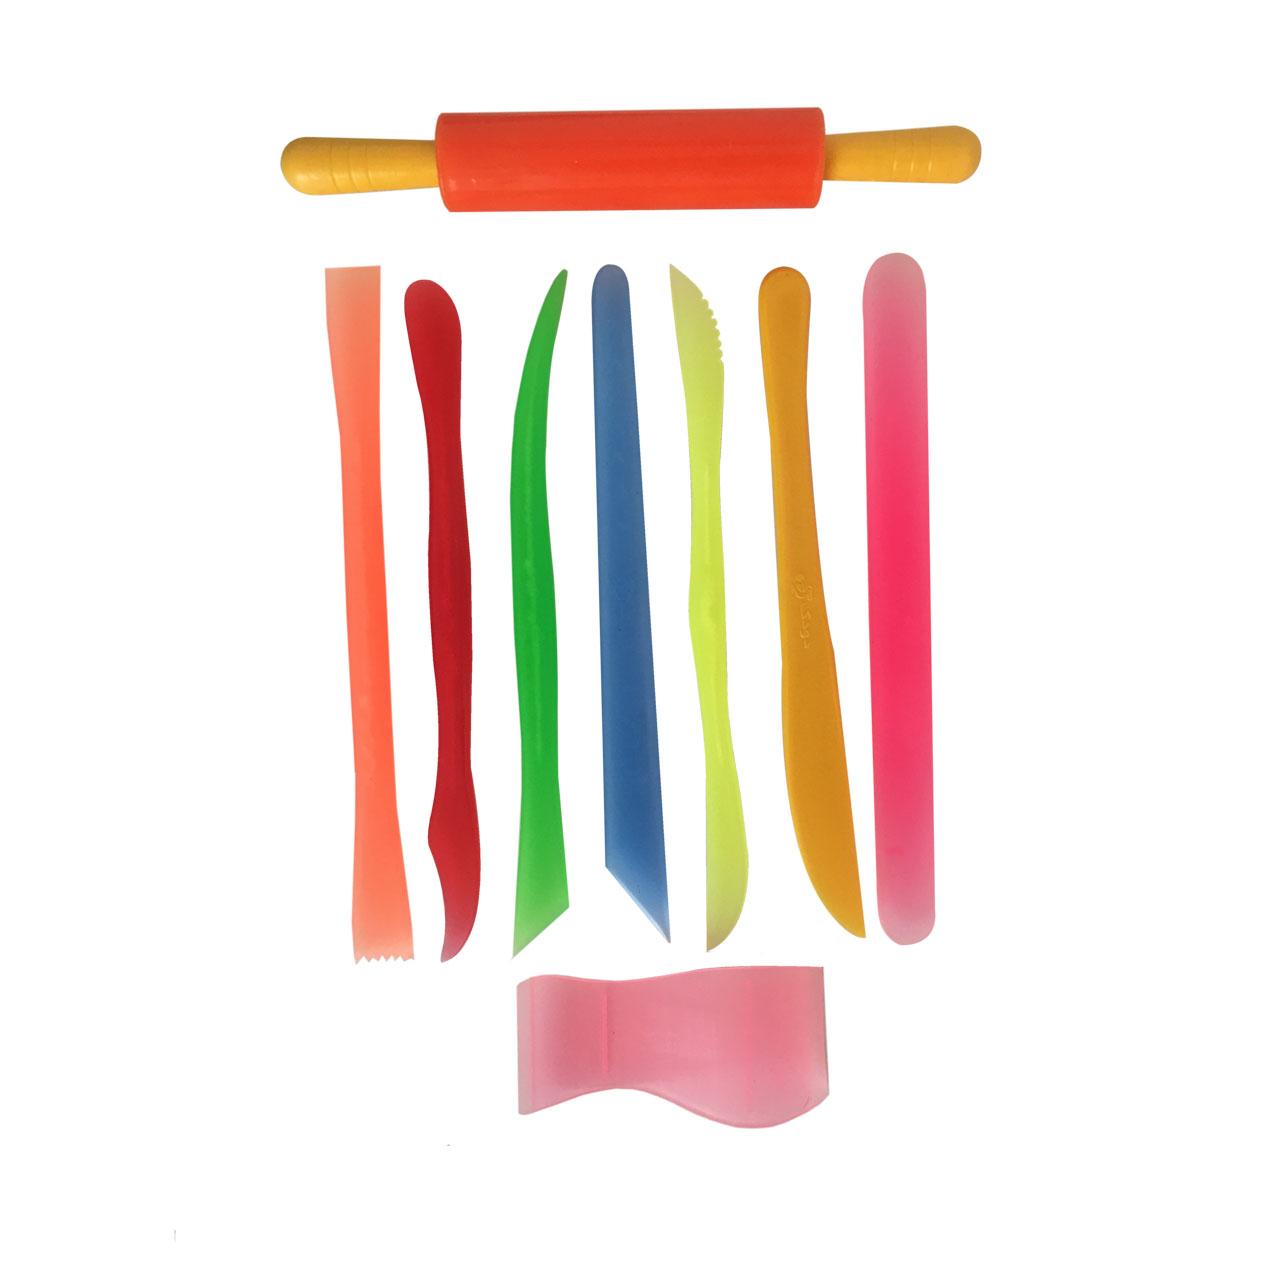 ابزار سفالگری نفیس گالری مدل پلاستیکی